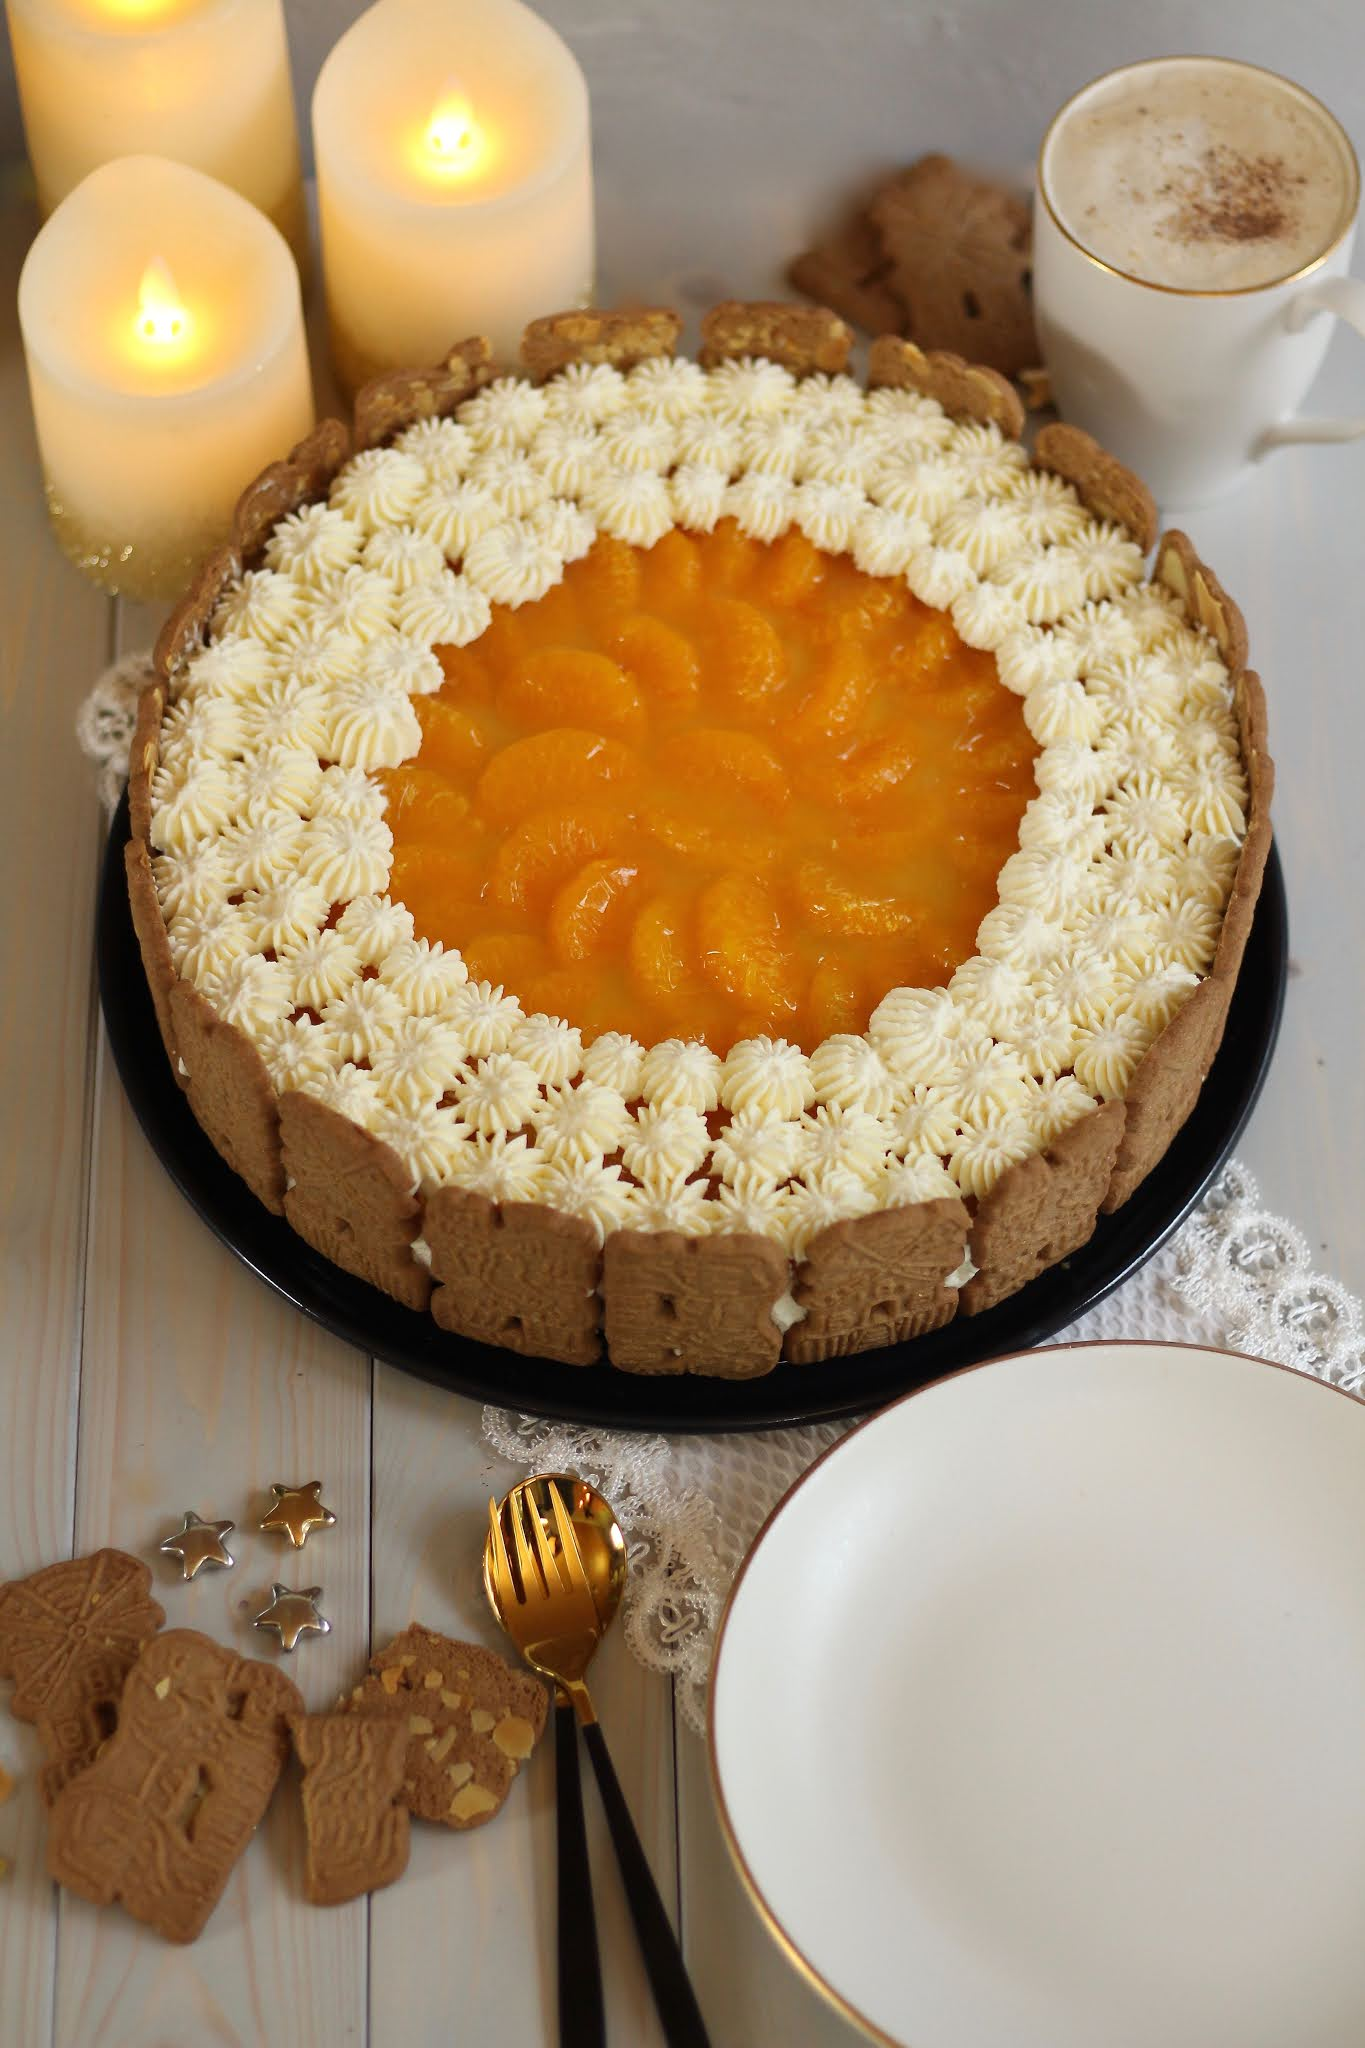 Schnelle Weihnachtstorte: Spekulatius-Mandarinen-Torte ohne Backen - Rezept und Video von Sugarprincess | SCCC 2020: Türchen Nr. 13 | Gewinnspiel